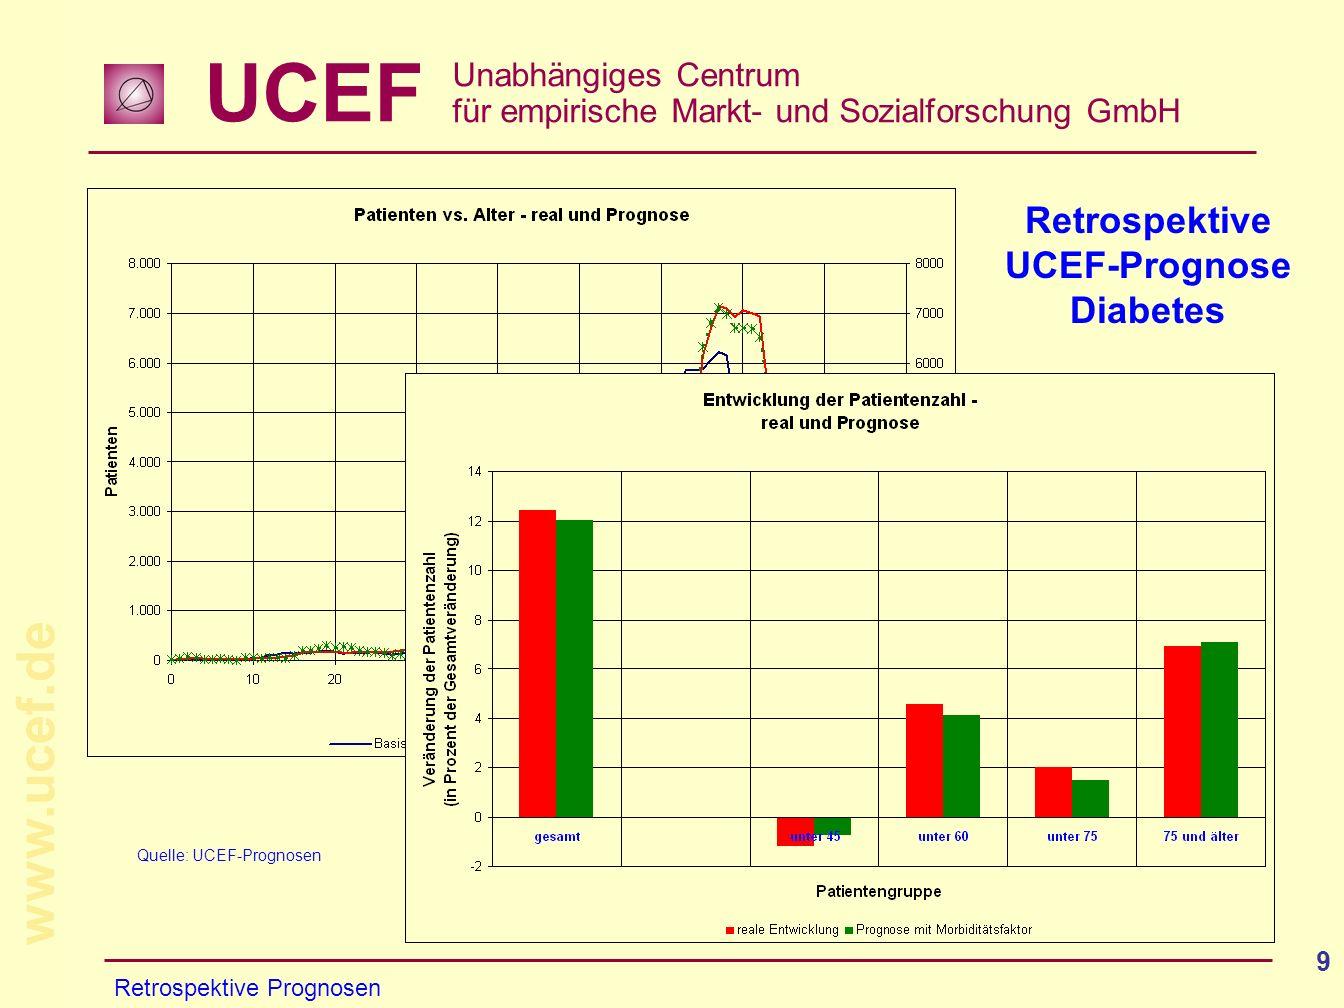 UCEF Unabhängiges Centrum für empirische Markt- und Sozialforschung GmbH www.ucef.de 9 Retrospektive Prognosen Retrospektive UCEF-Prognose Diabetes Qu